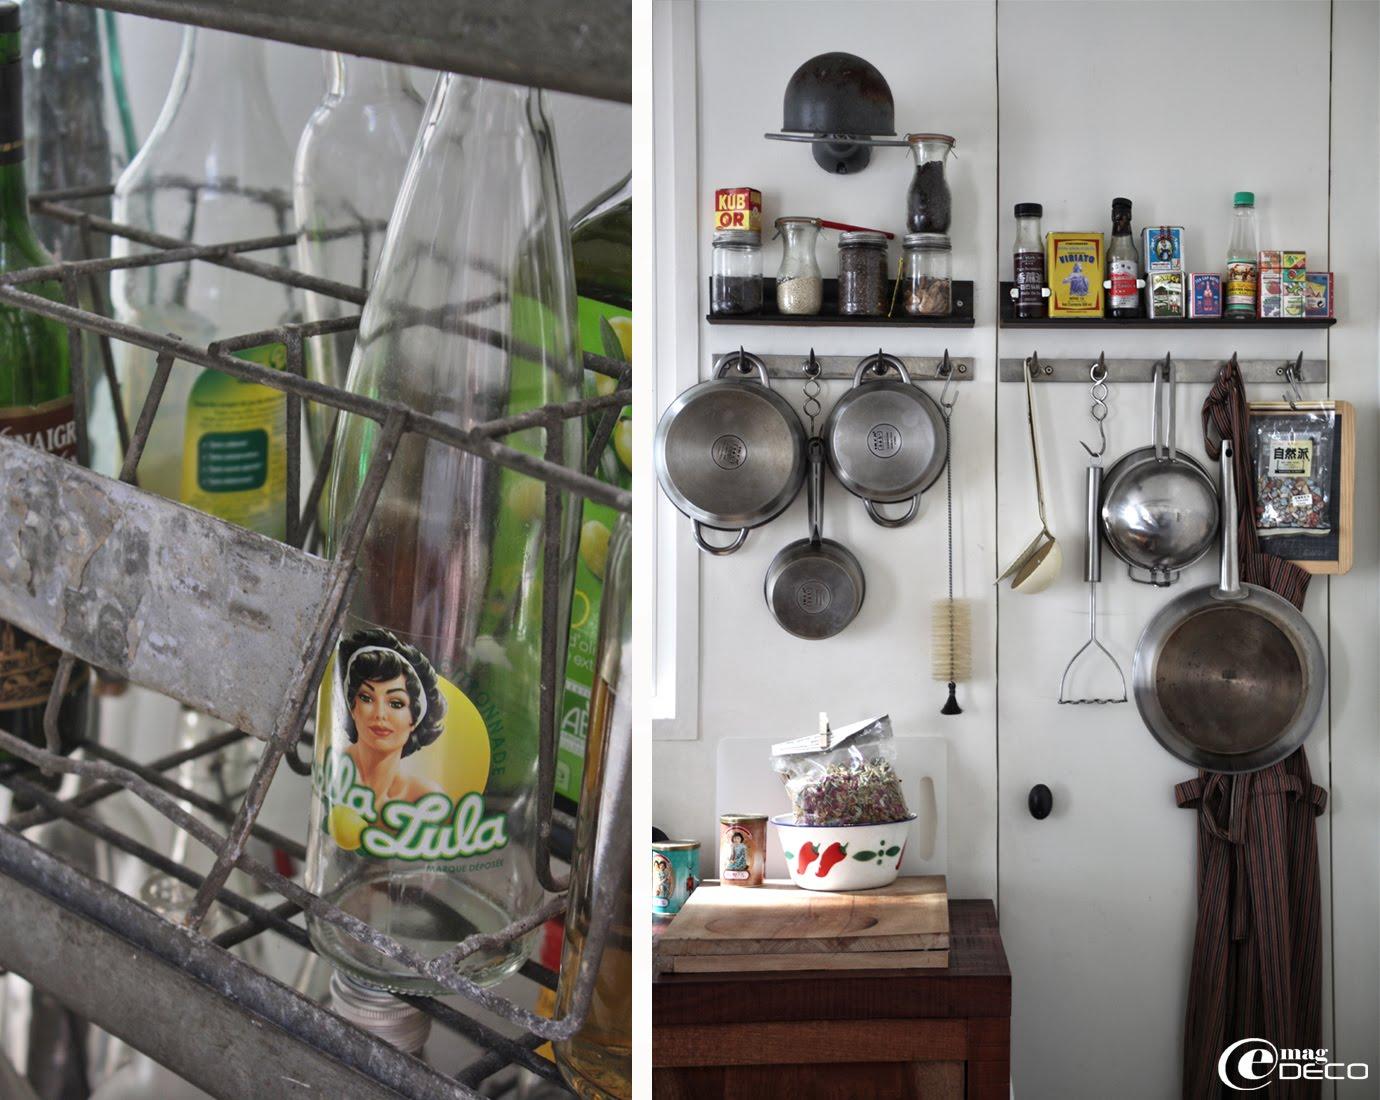 Des barres à dents de boucher détournées en supports d'ustensiles de cuisine